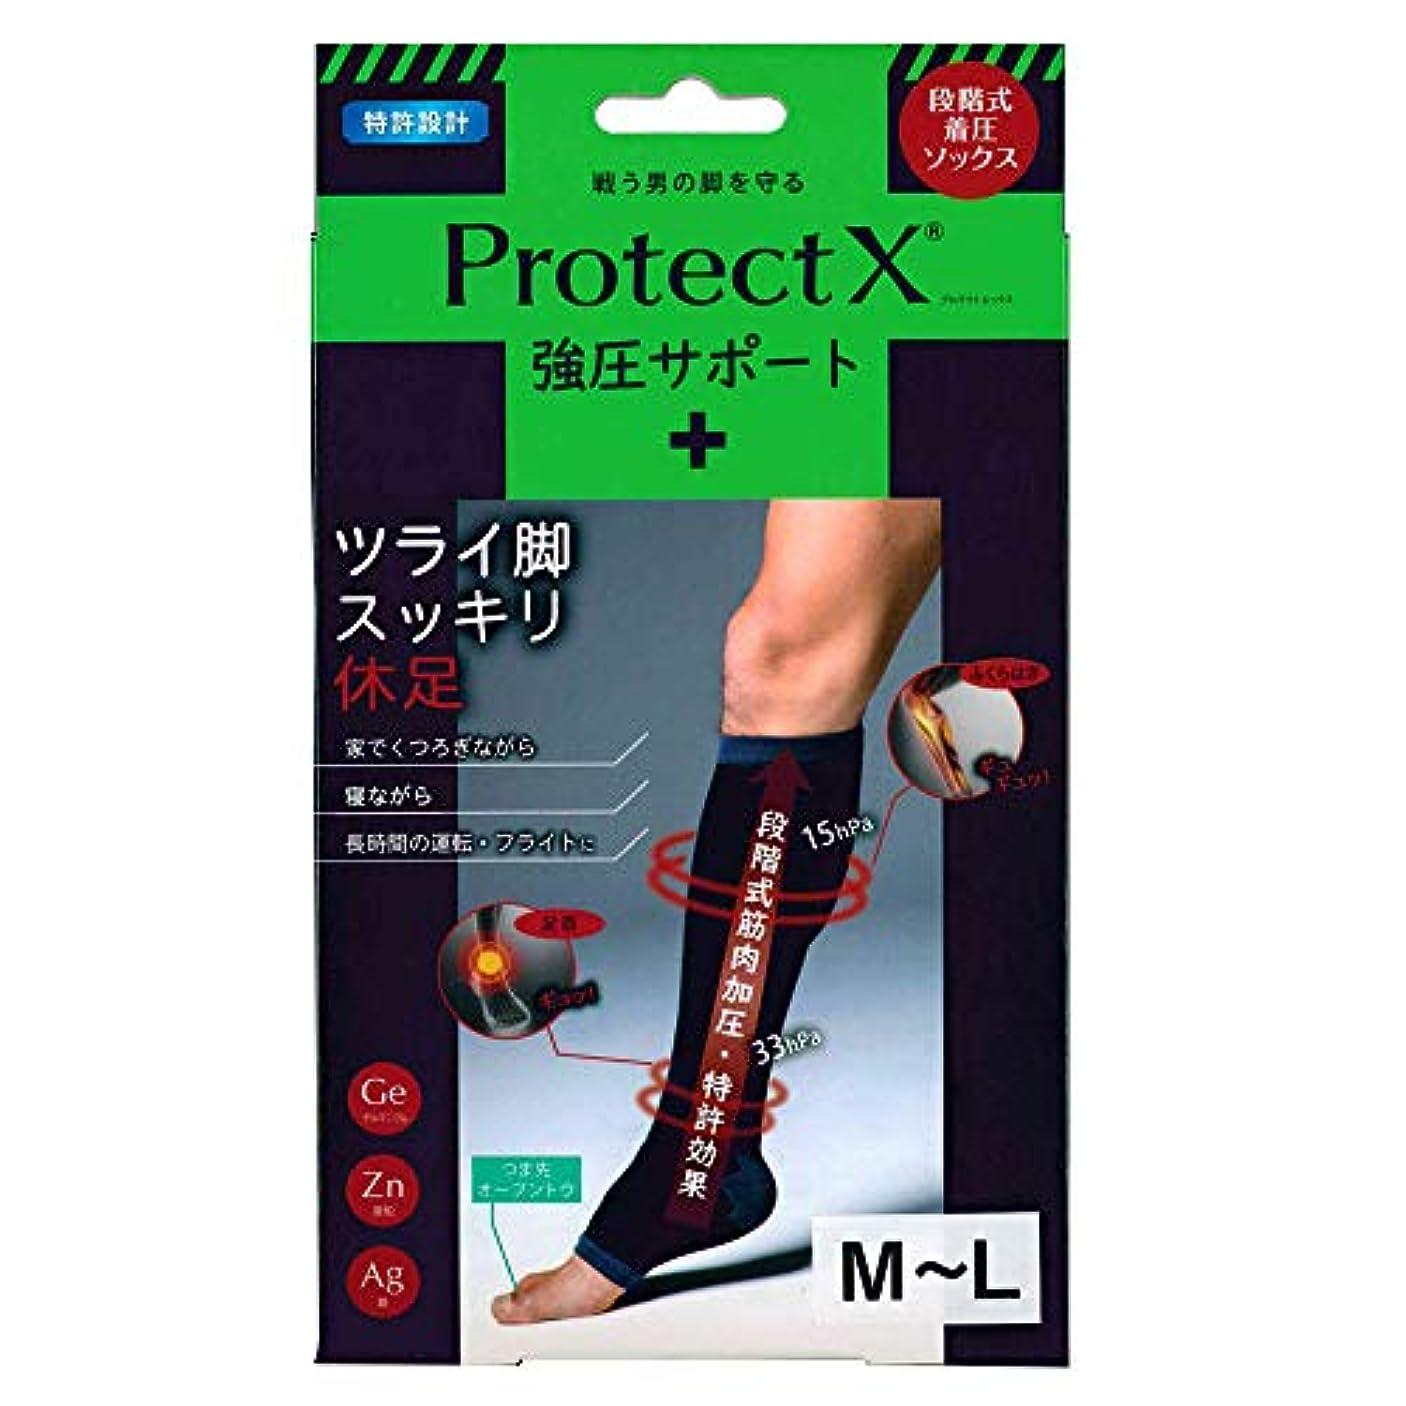 Protect X(プロテクトエックス) 強圧サポート オープントゥ着圧ソックス 膝下 (膝下M-L)